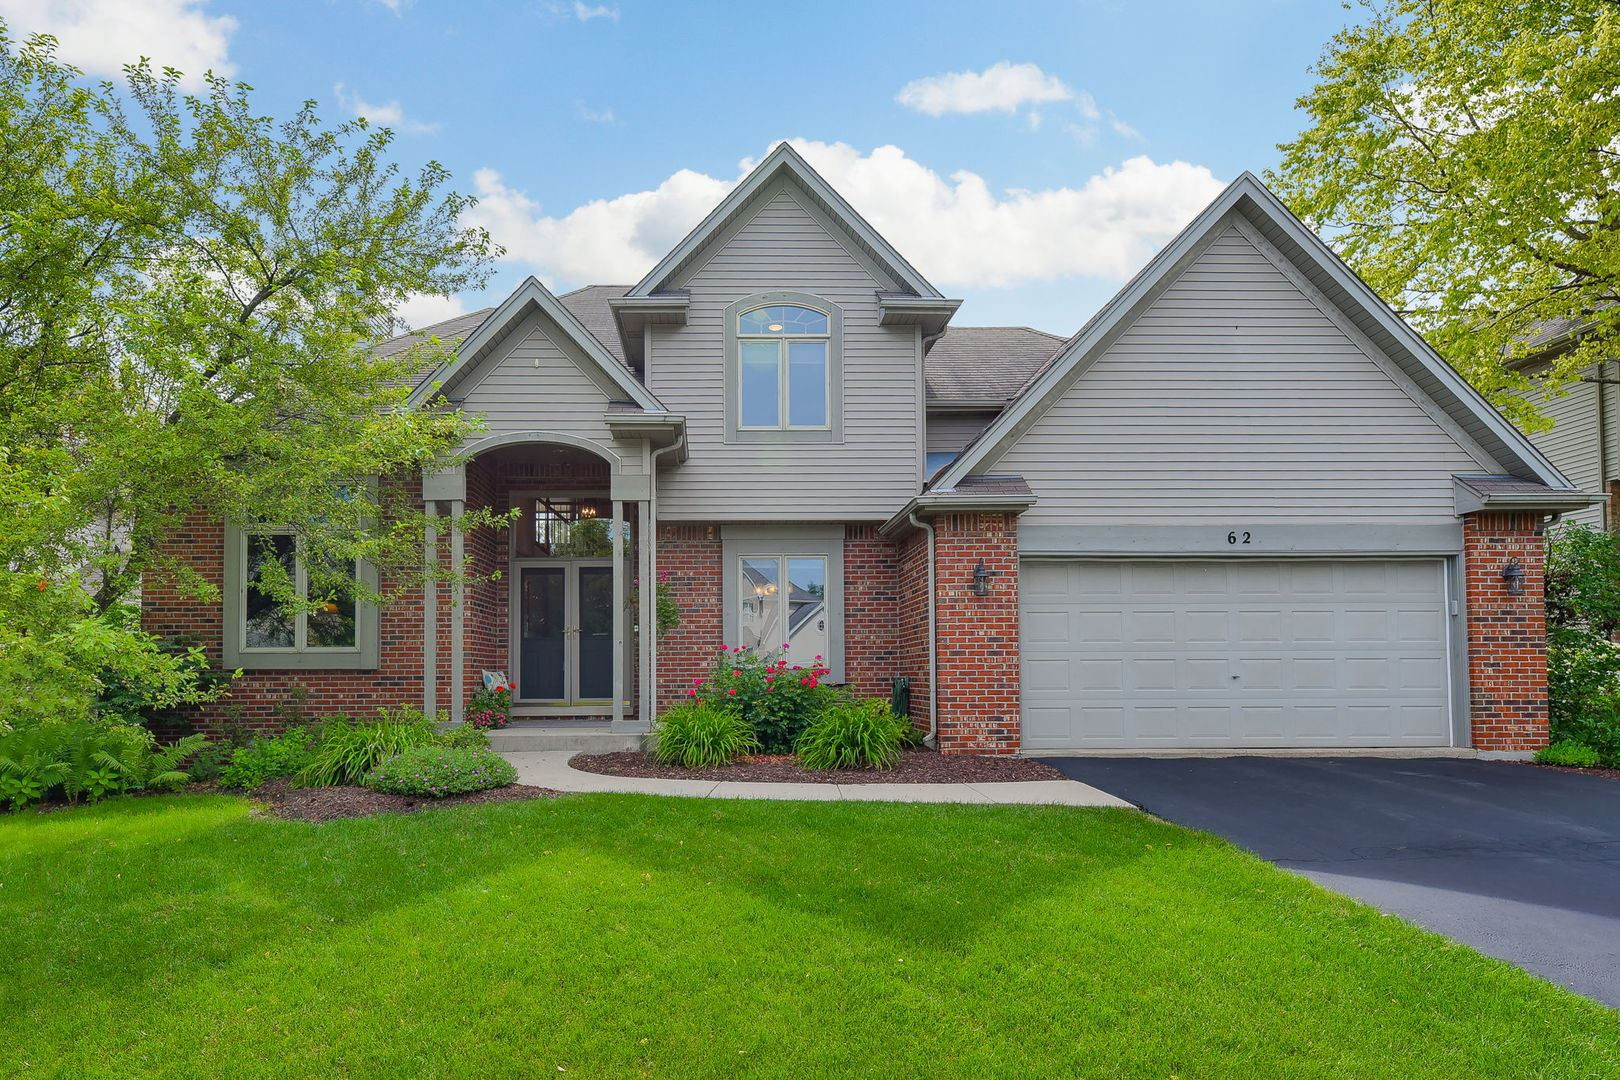 62 N forestview Lane, Aurora, IL 60502 - #: 10765962